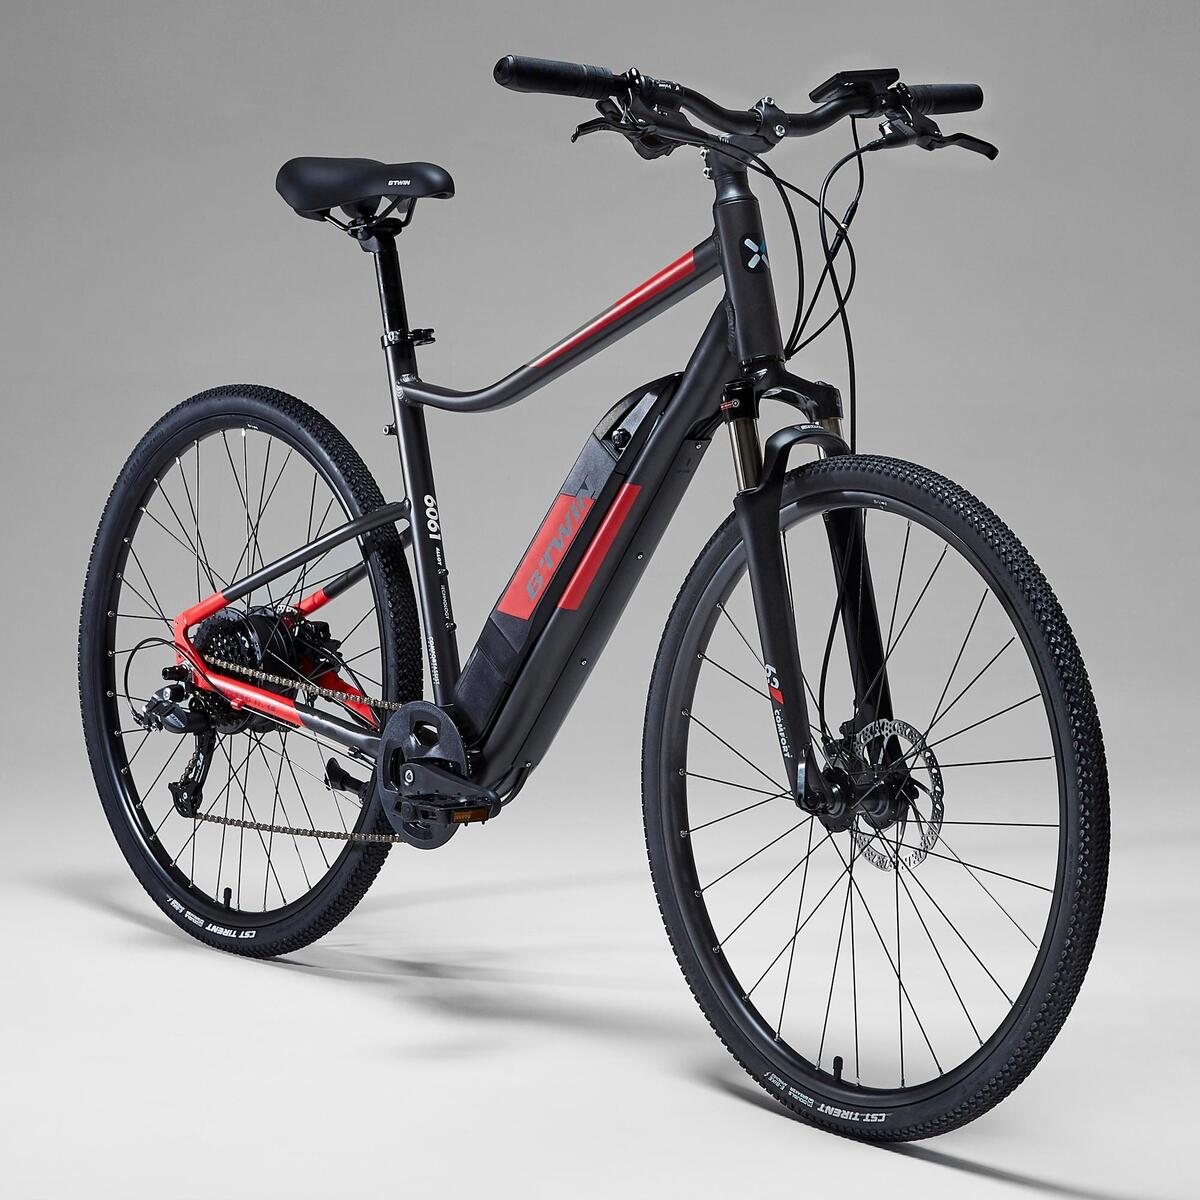 Bild 3 von E-Bike Cross Bike 28 Zoll Riverside 500 E grau/rot